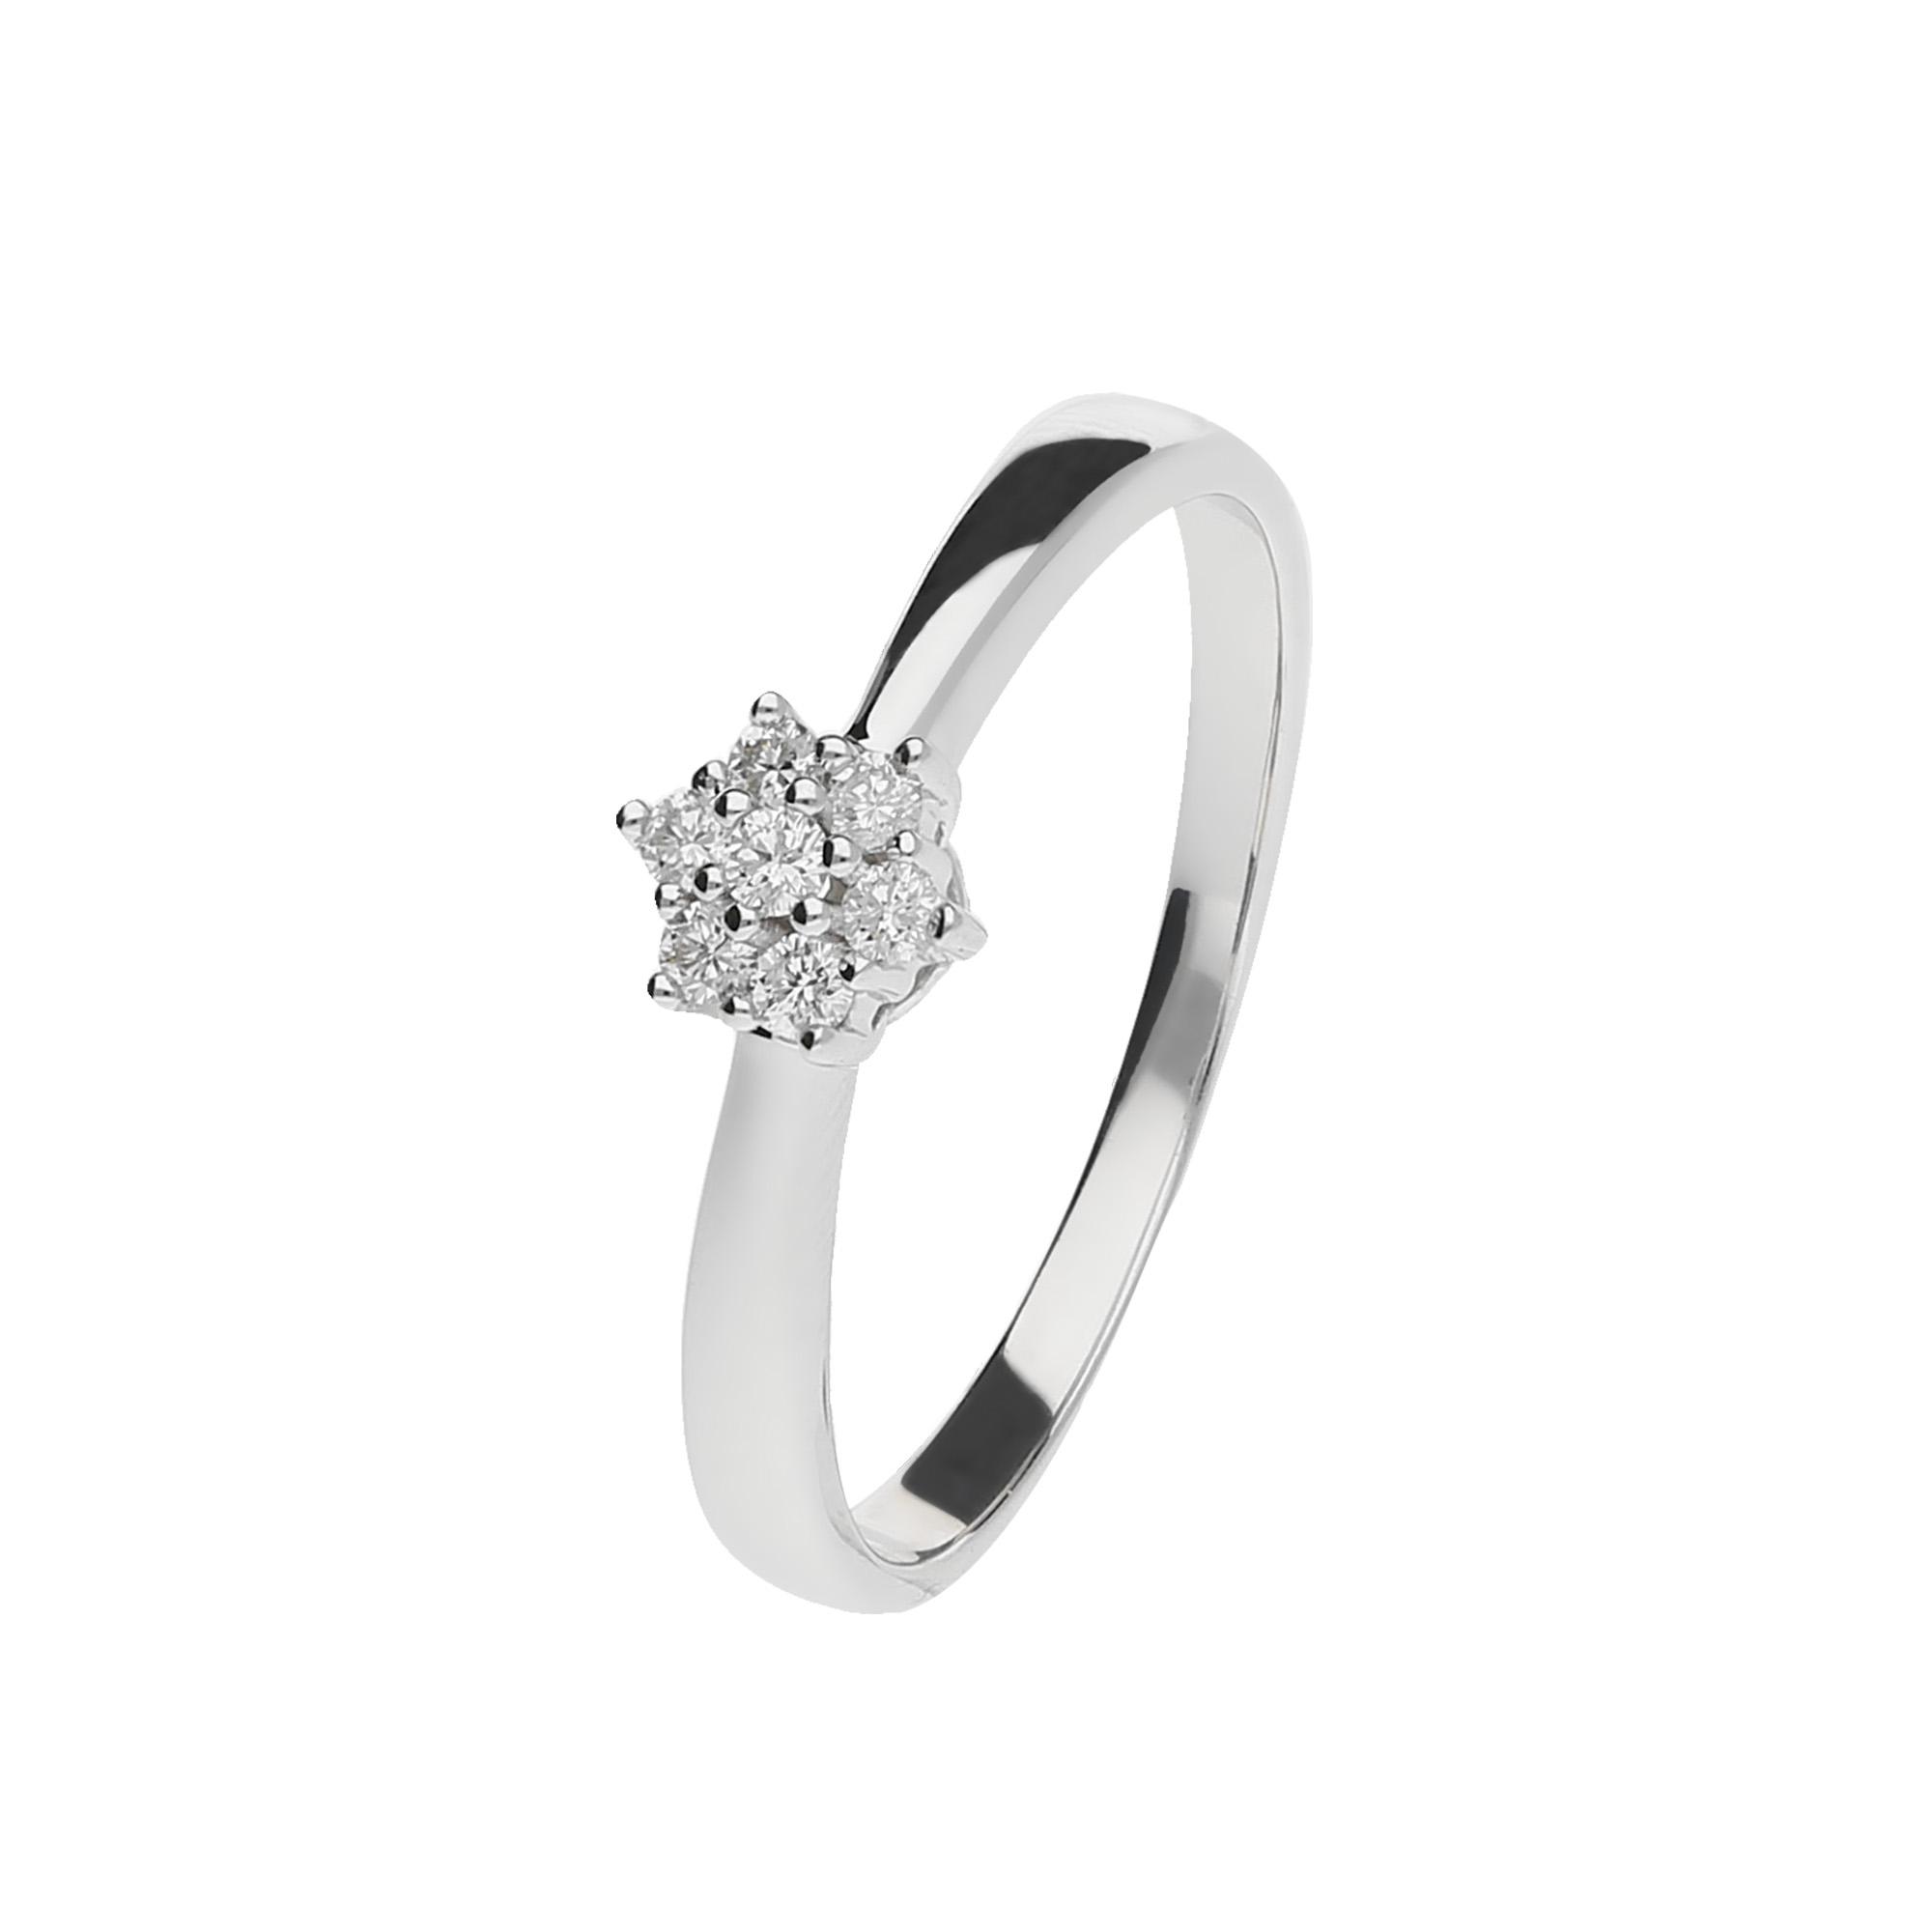 Juwelier Kraemer Ring Diamant 333 Gold Zus Ca 0 10 Ct 50 Mm